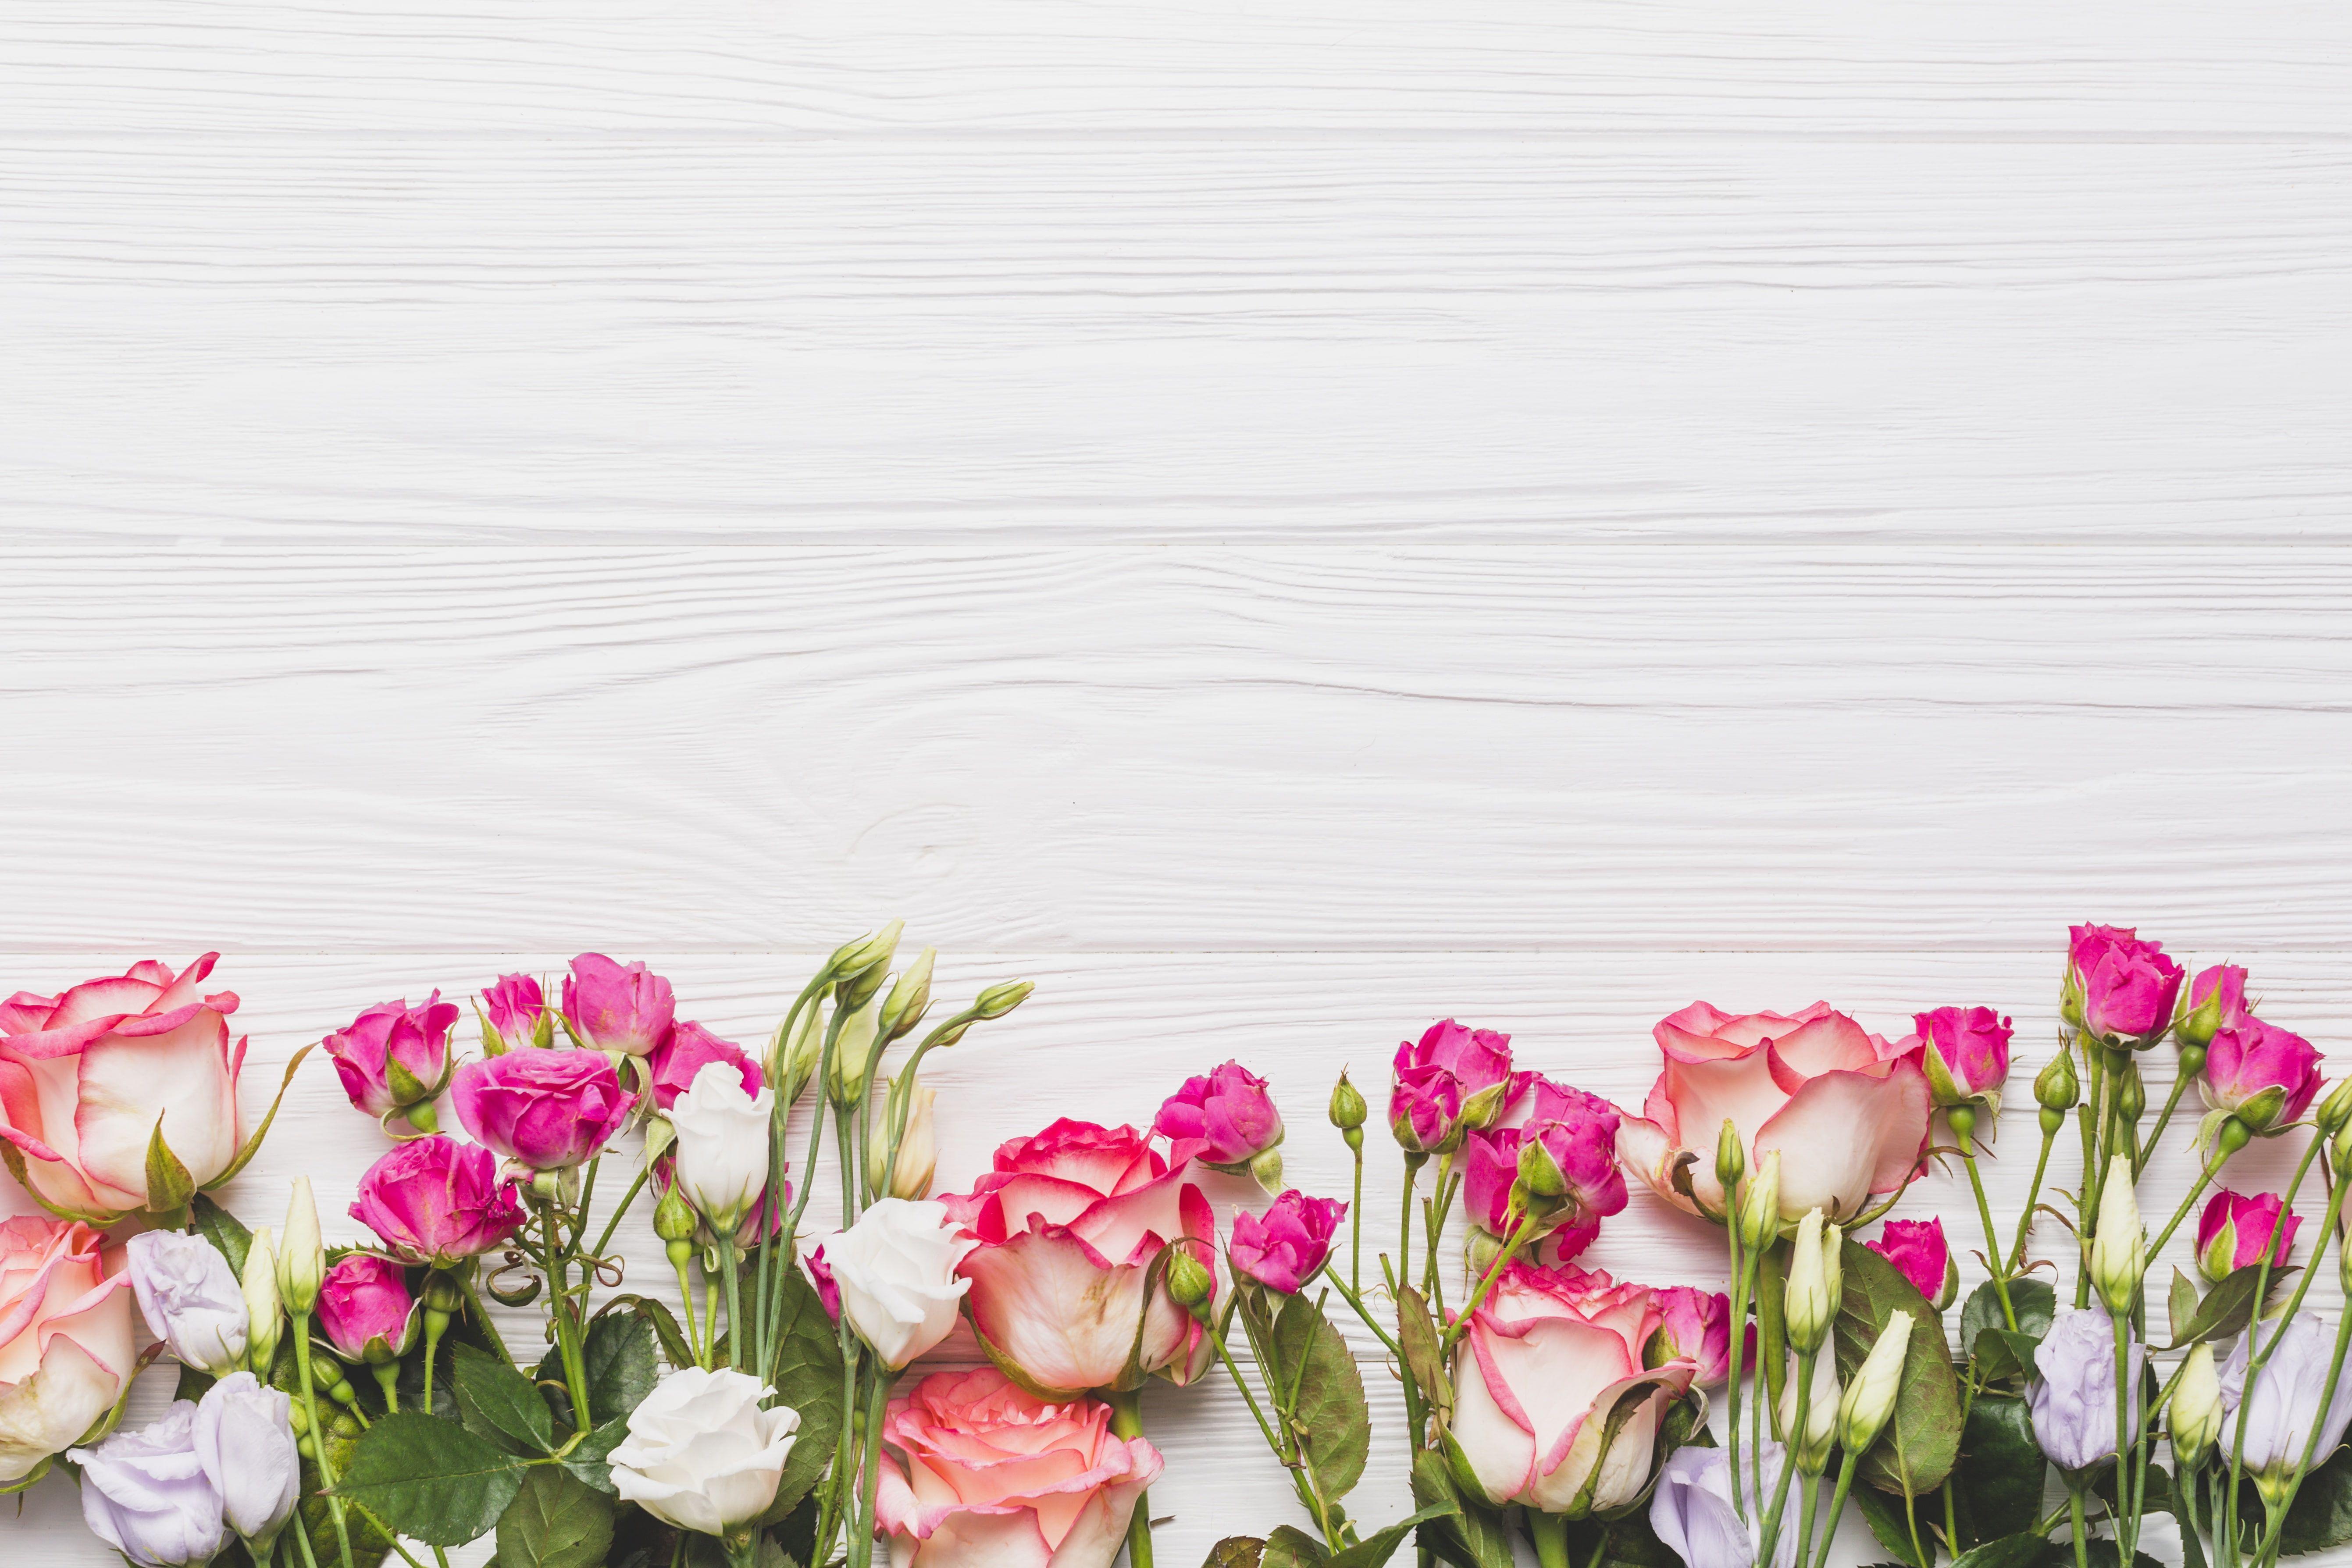 Flowers Background Roses Eustoma 5k Wallpaper Hdwallpaper Desktop In 2020 Flower Desktop Wallpaper Flower Background Wallpaper Flower Backgrounds